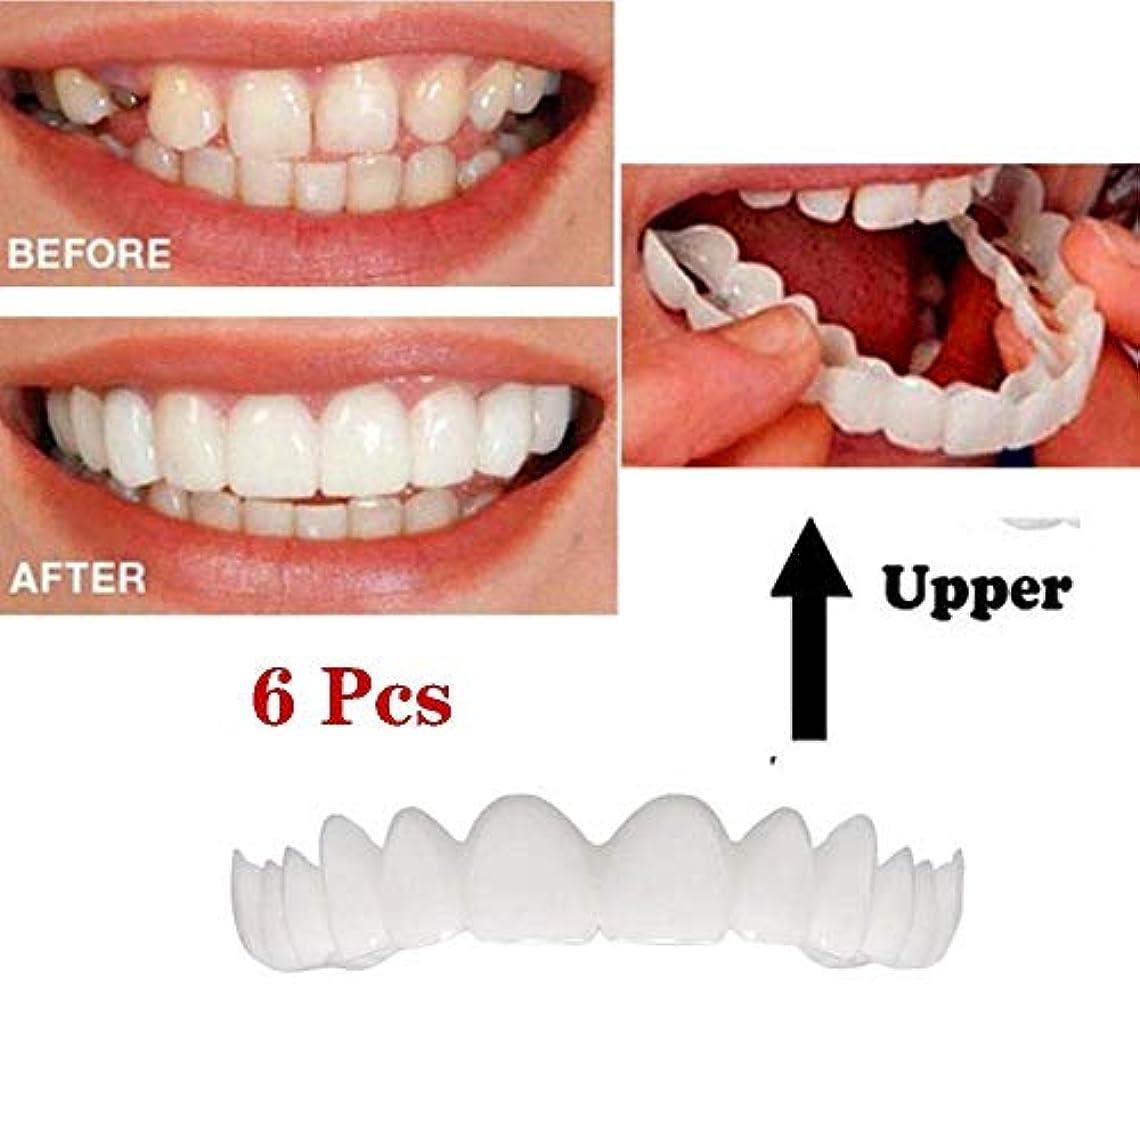 しなやかなベストわがまま6個シリコーン偽の歯偽歯カバーホワイトニング義歯オーラルケア歯ホワイトニングデンタルオーラルケアアッパーブレース仮化粧品歯義歯